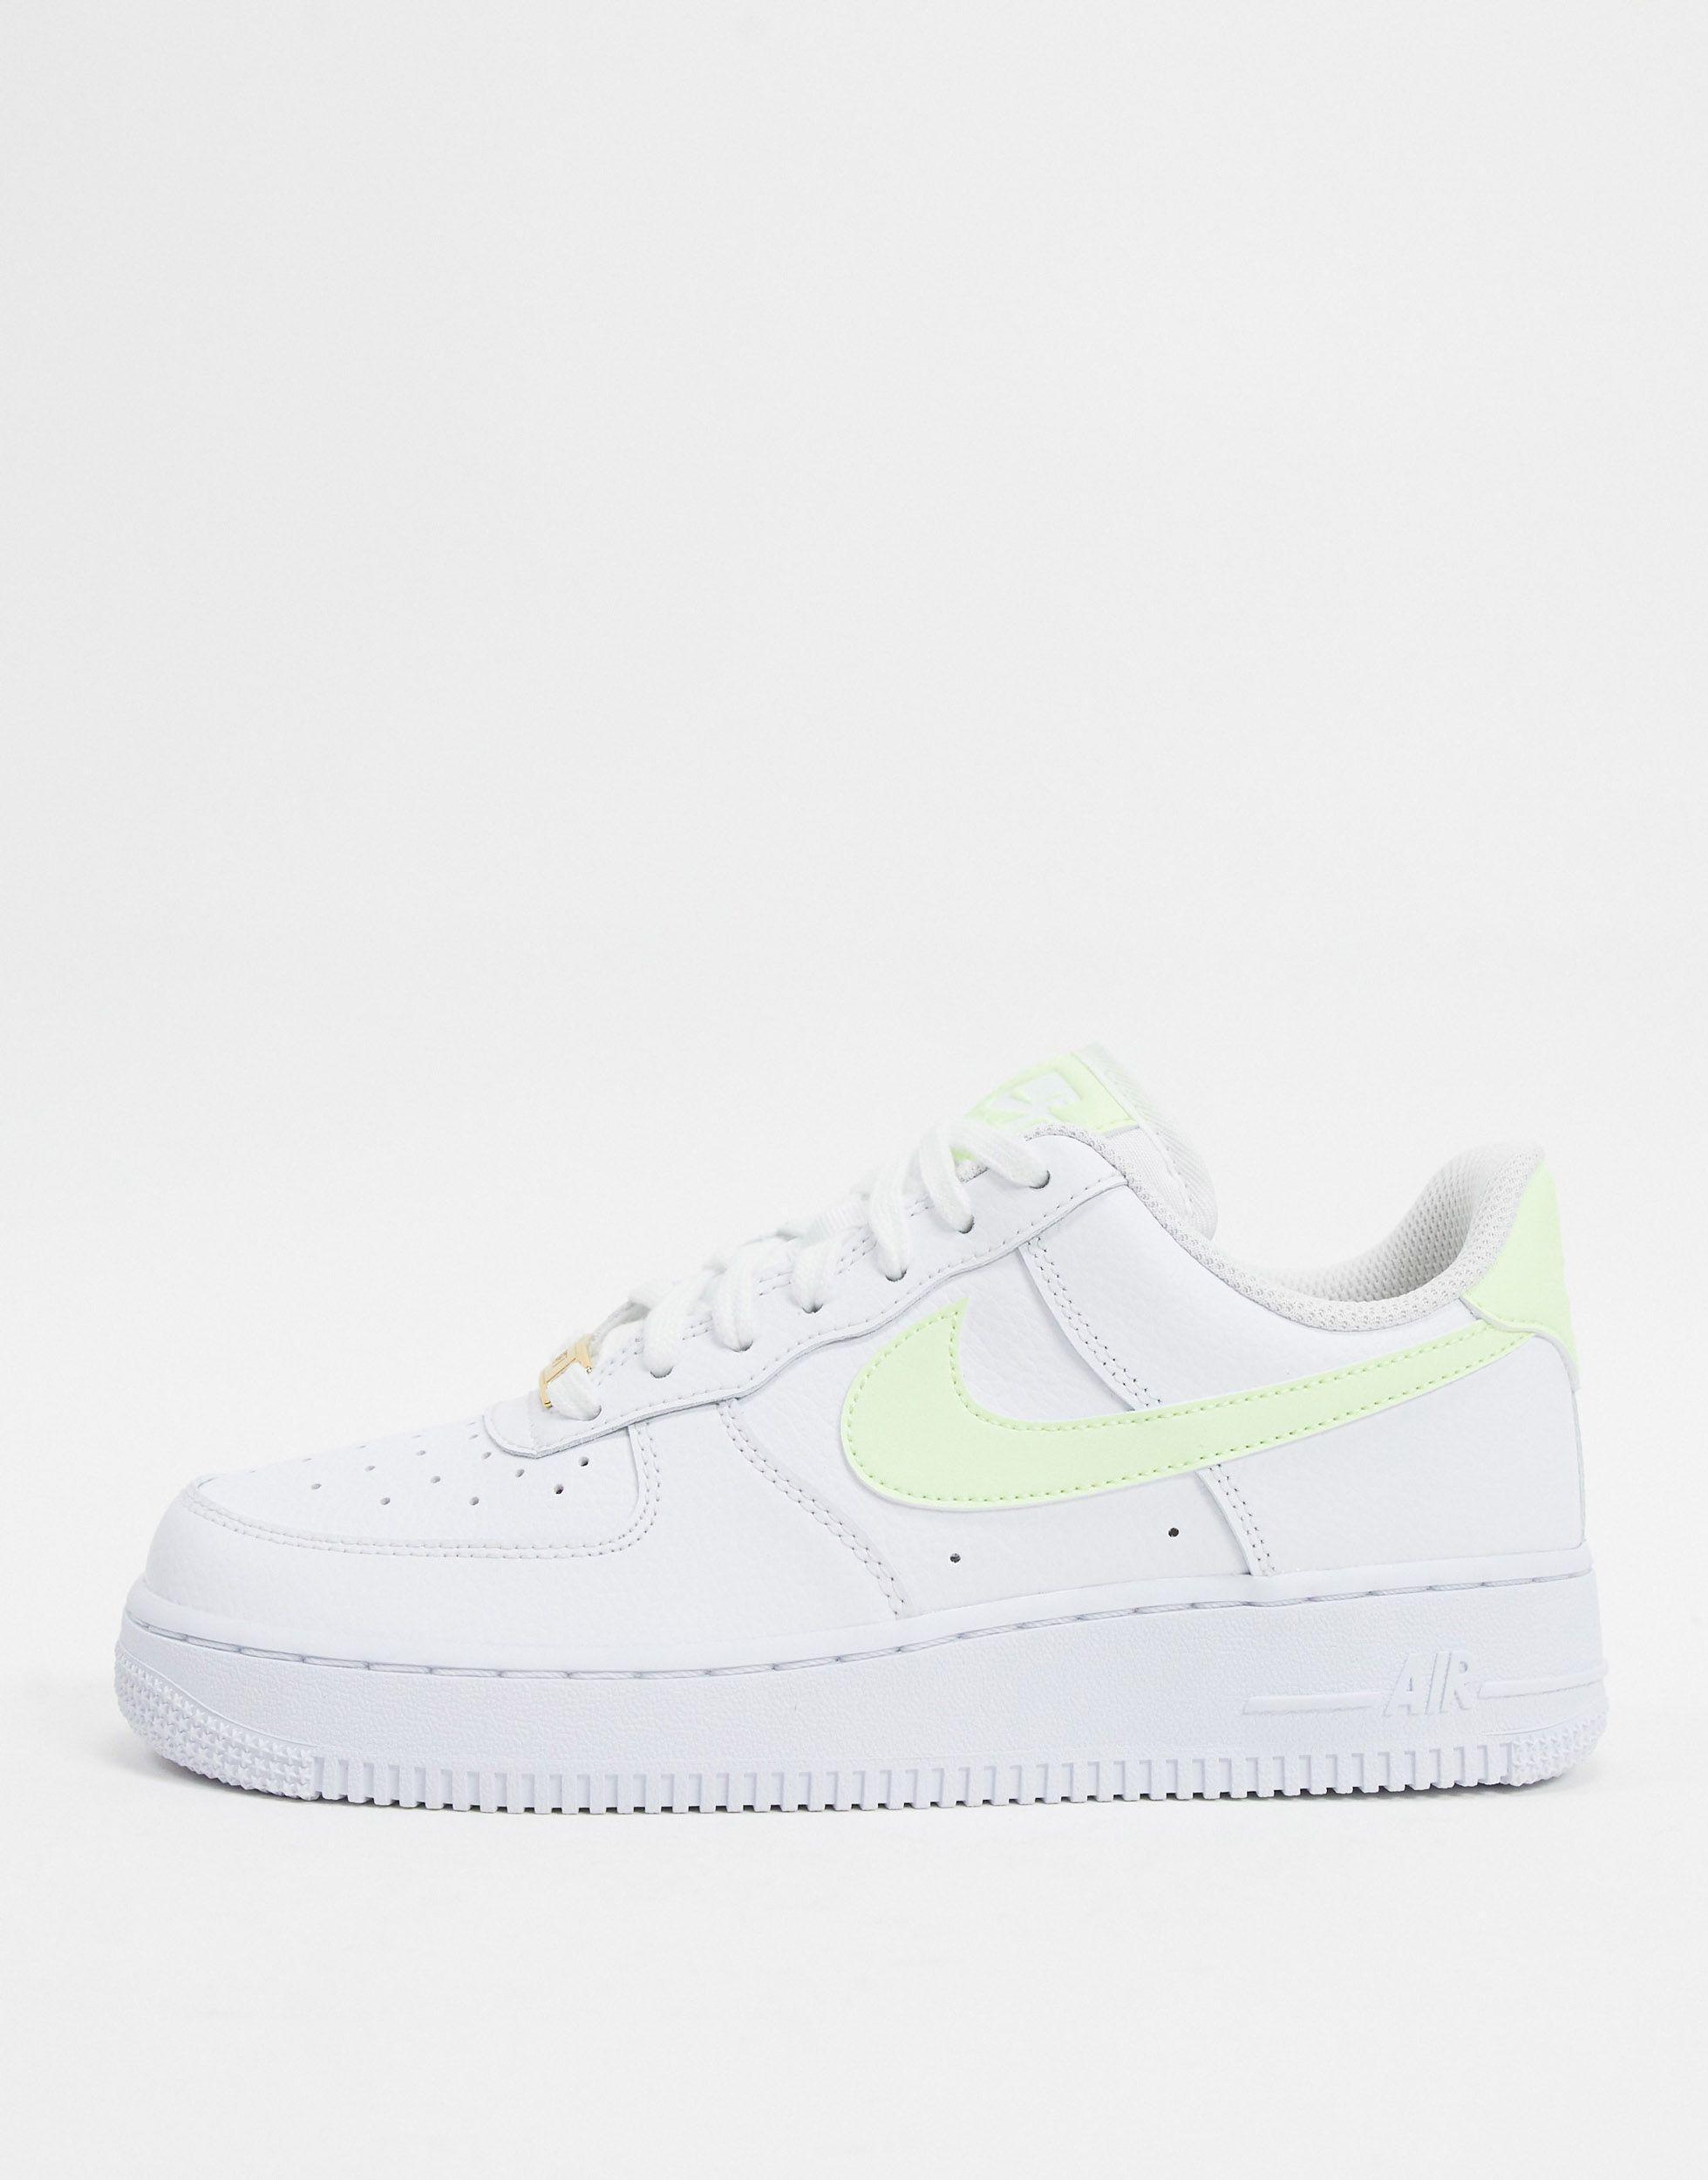 Air Force 1 '07 - Baskets - et vert fluo Caoutchouc Nike en ...